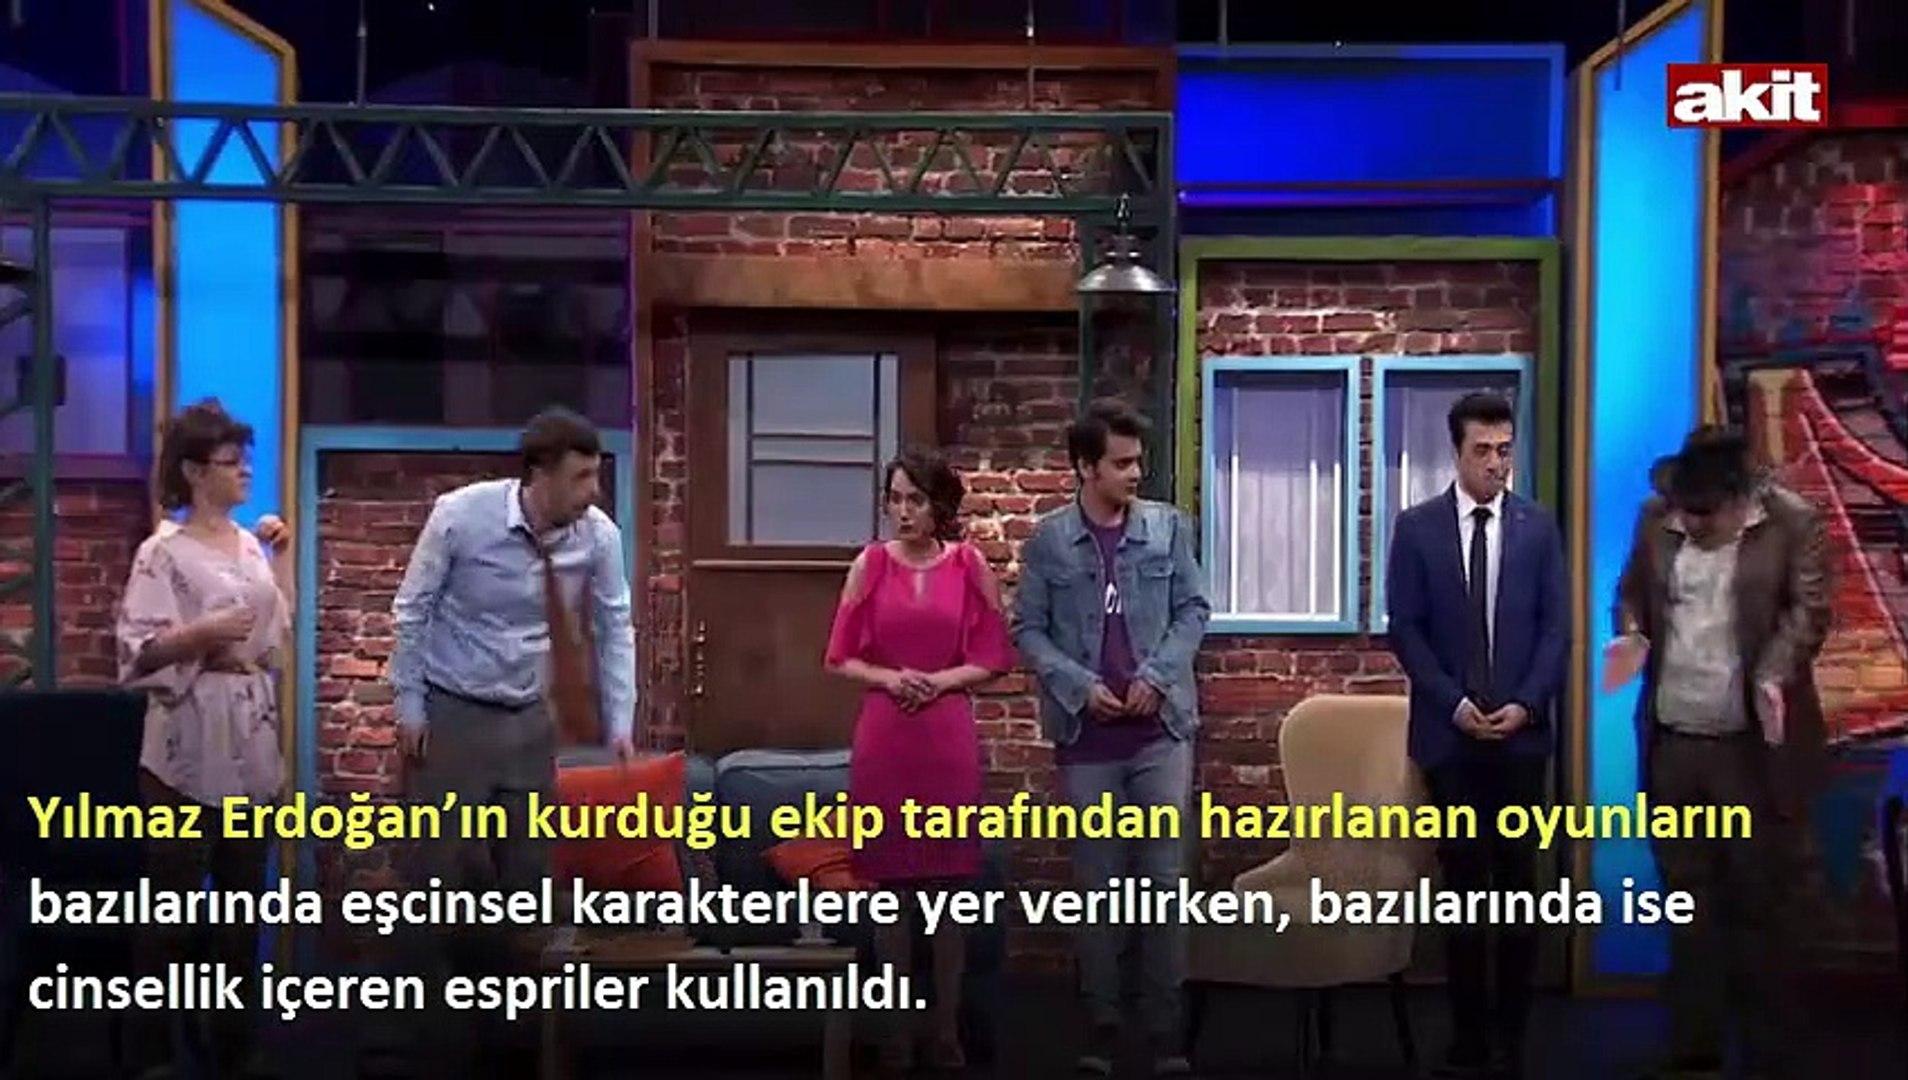 Yılmaz Erdoğan eşcinsellere çalışıyor! Her bölüm 'gay' propagandası